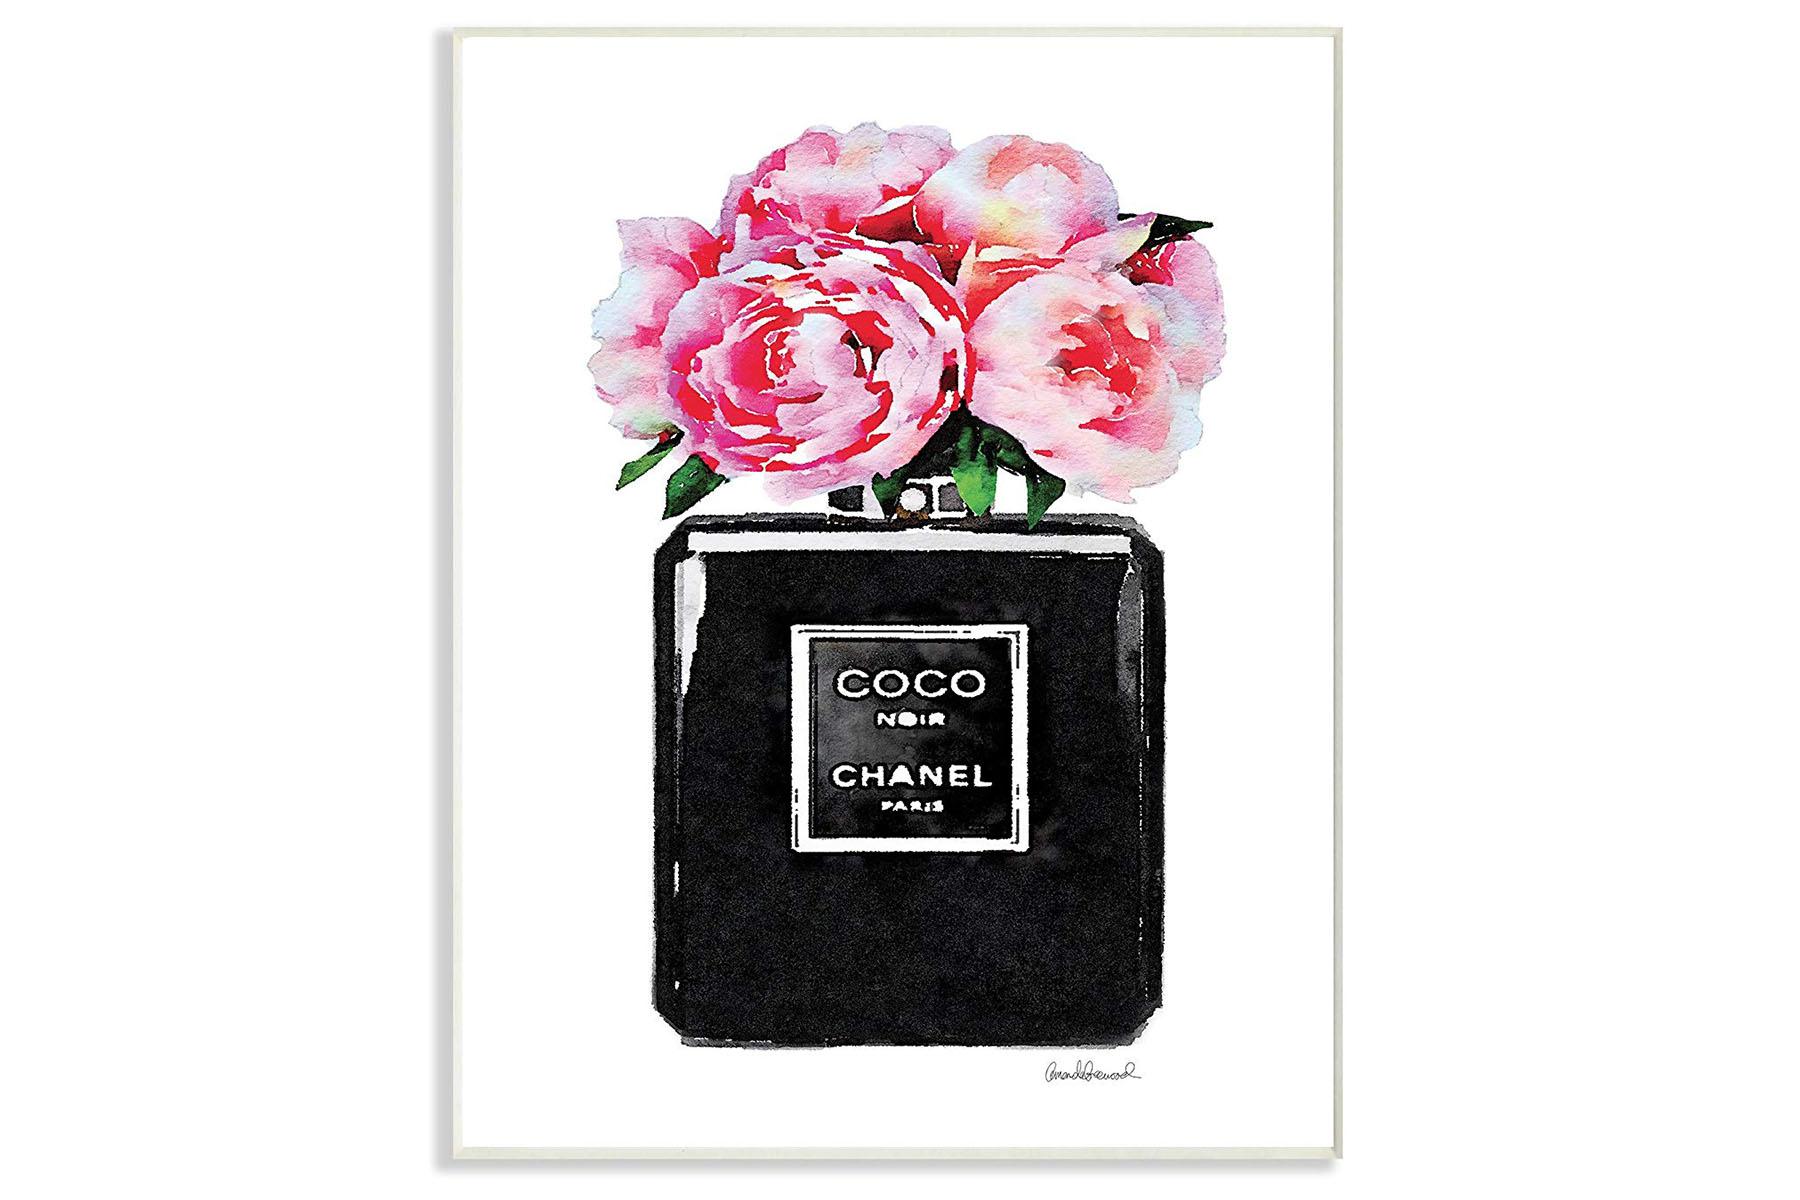 coco Chanel picture